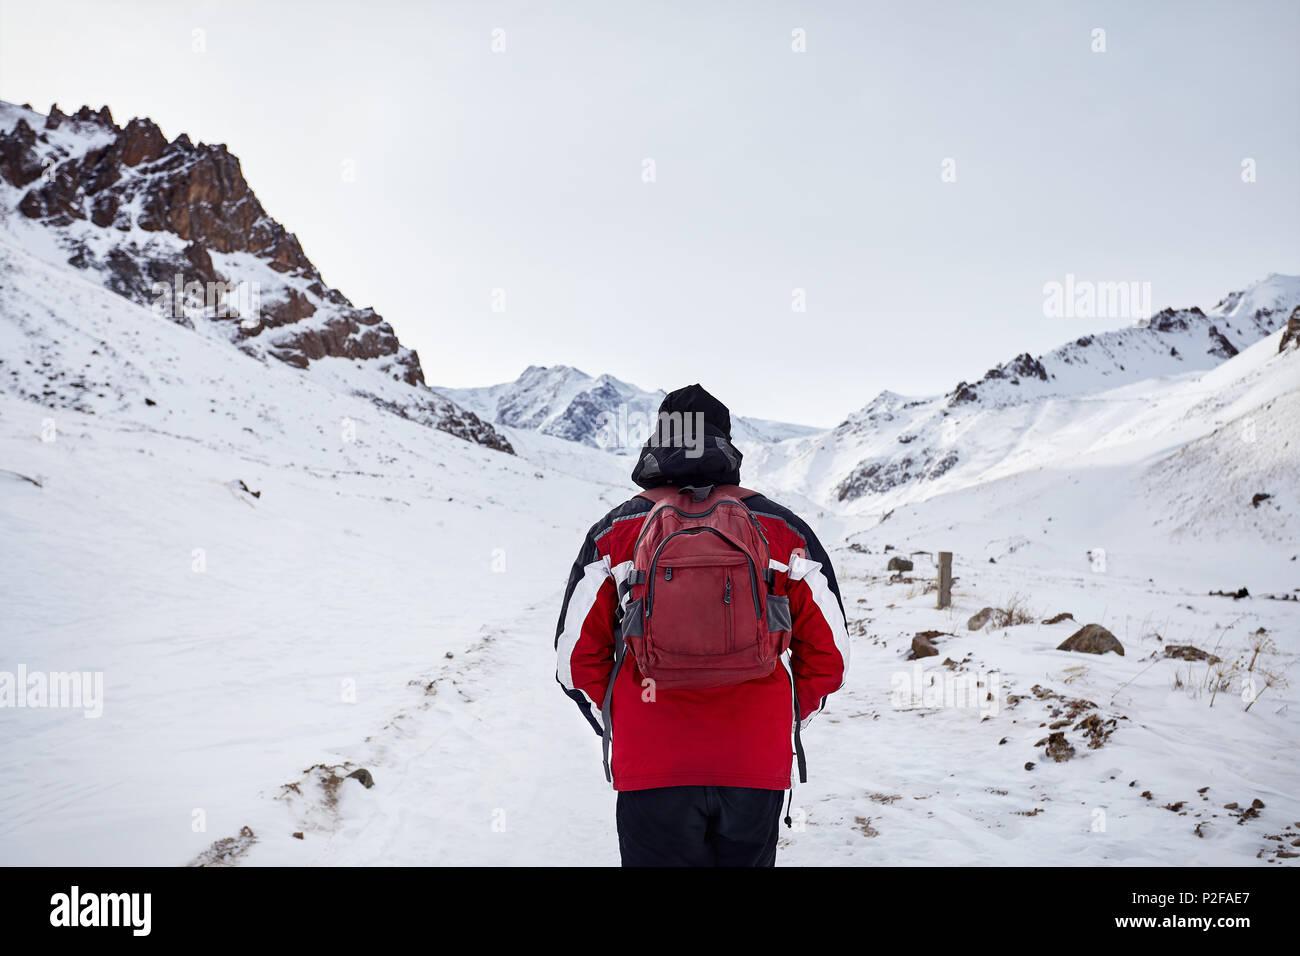 Wanderer mit roten Rucksack wandern rund um schneebedeckten Berge. Freiheit von trekking Konzept. Stockbild